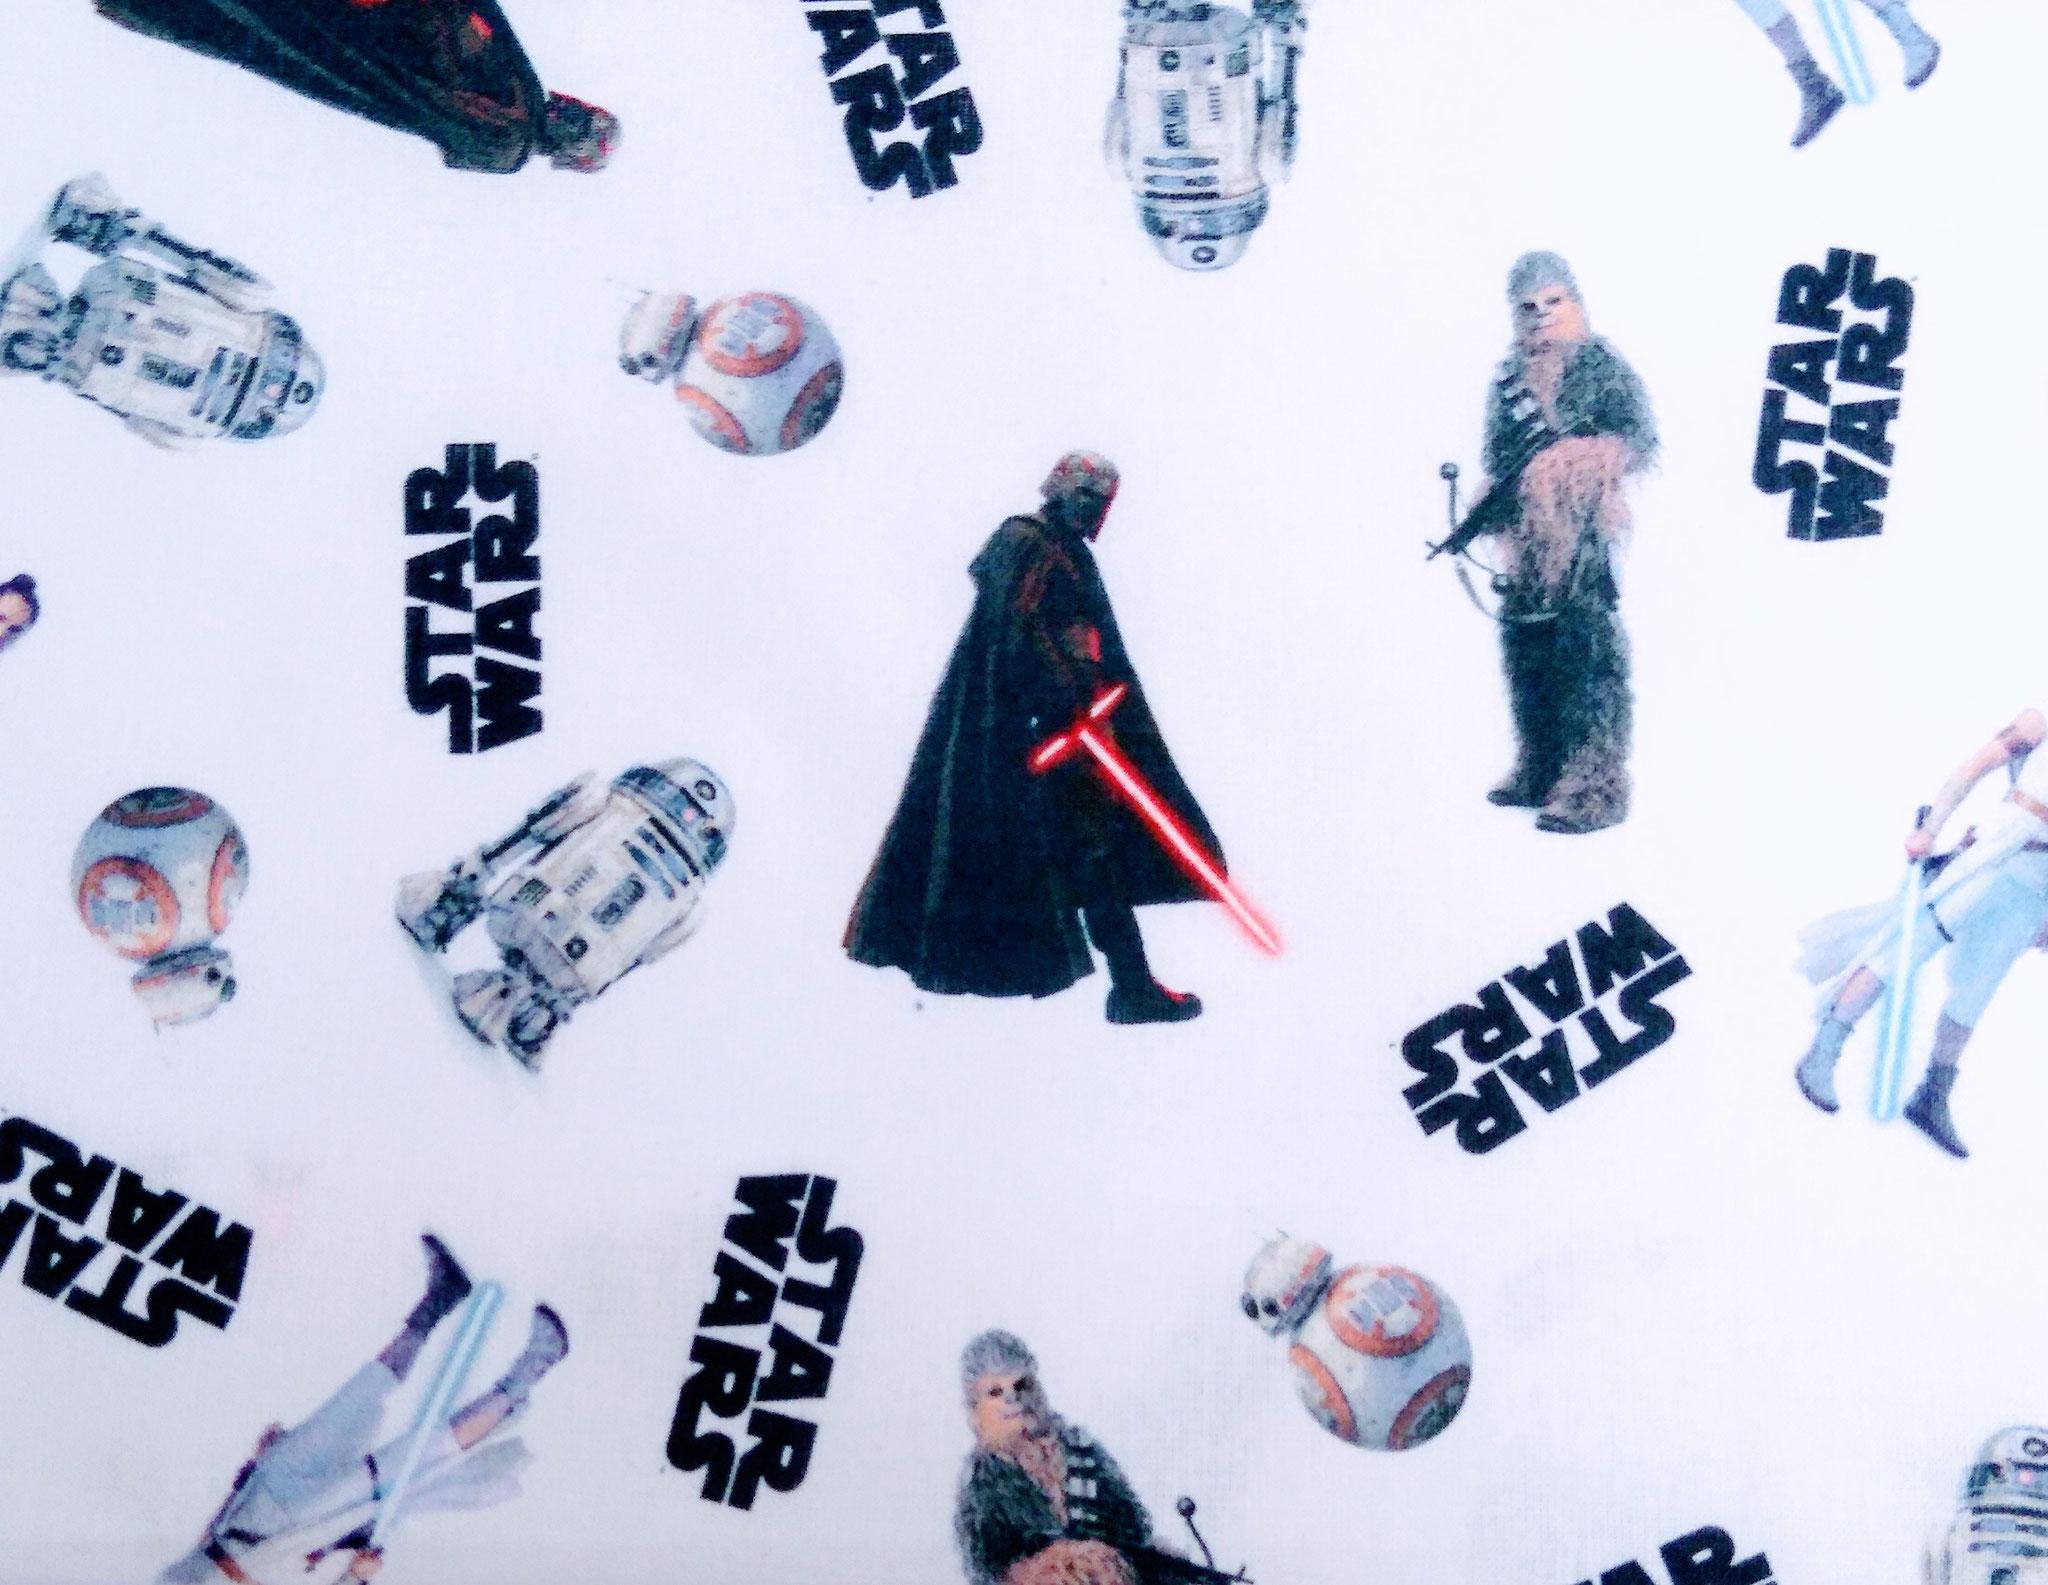 Baumwolle Star Wars, 140cm breit, 0.5m 7.50€